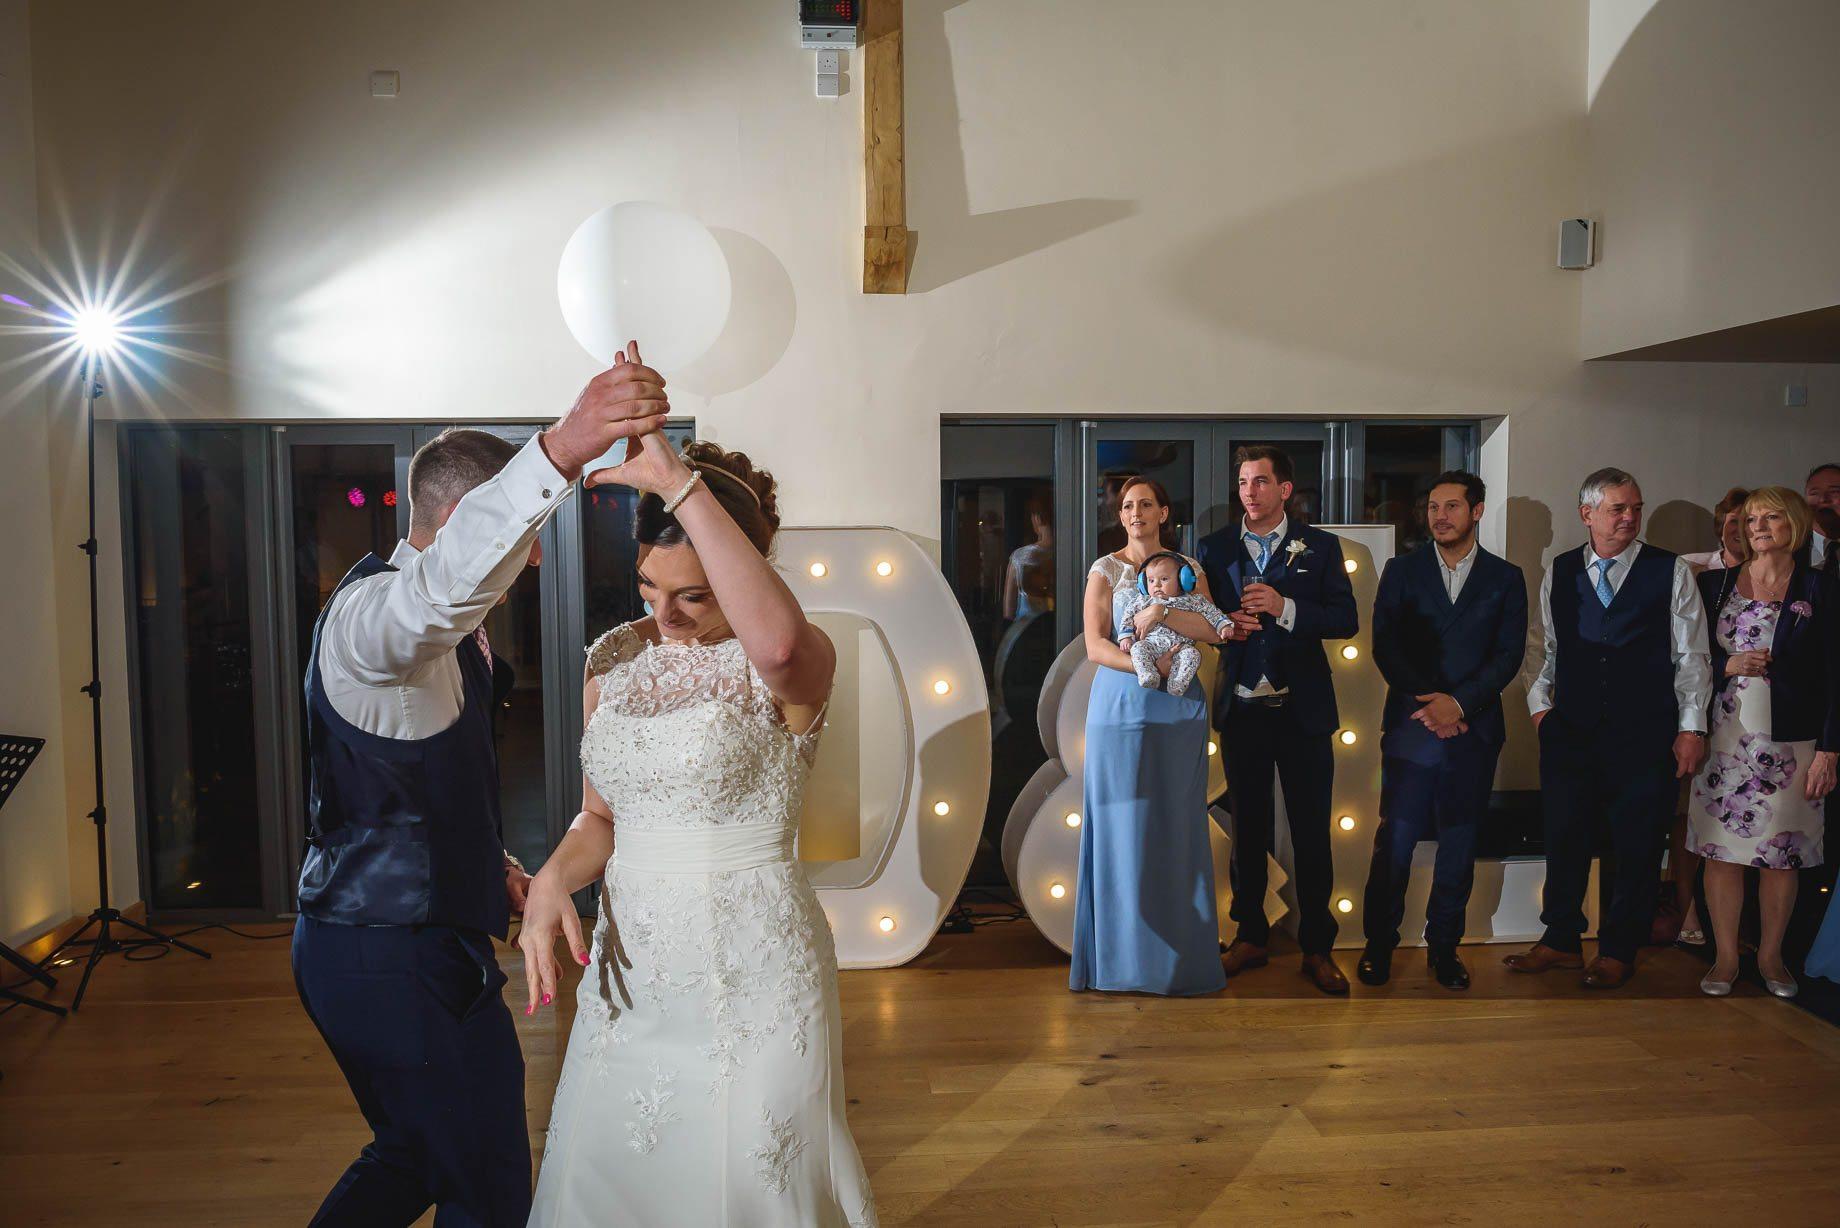 Millbridge Court Wedding Photography - Lisa and Daniel (162 of 173)